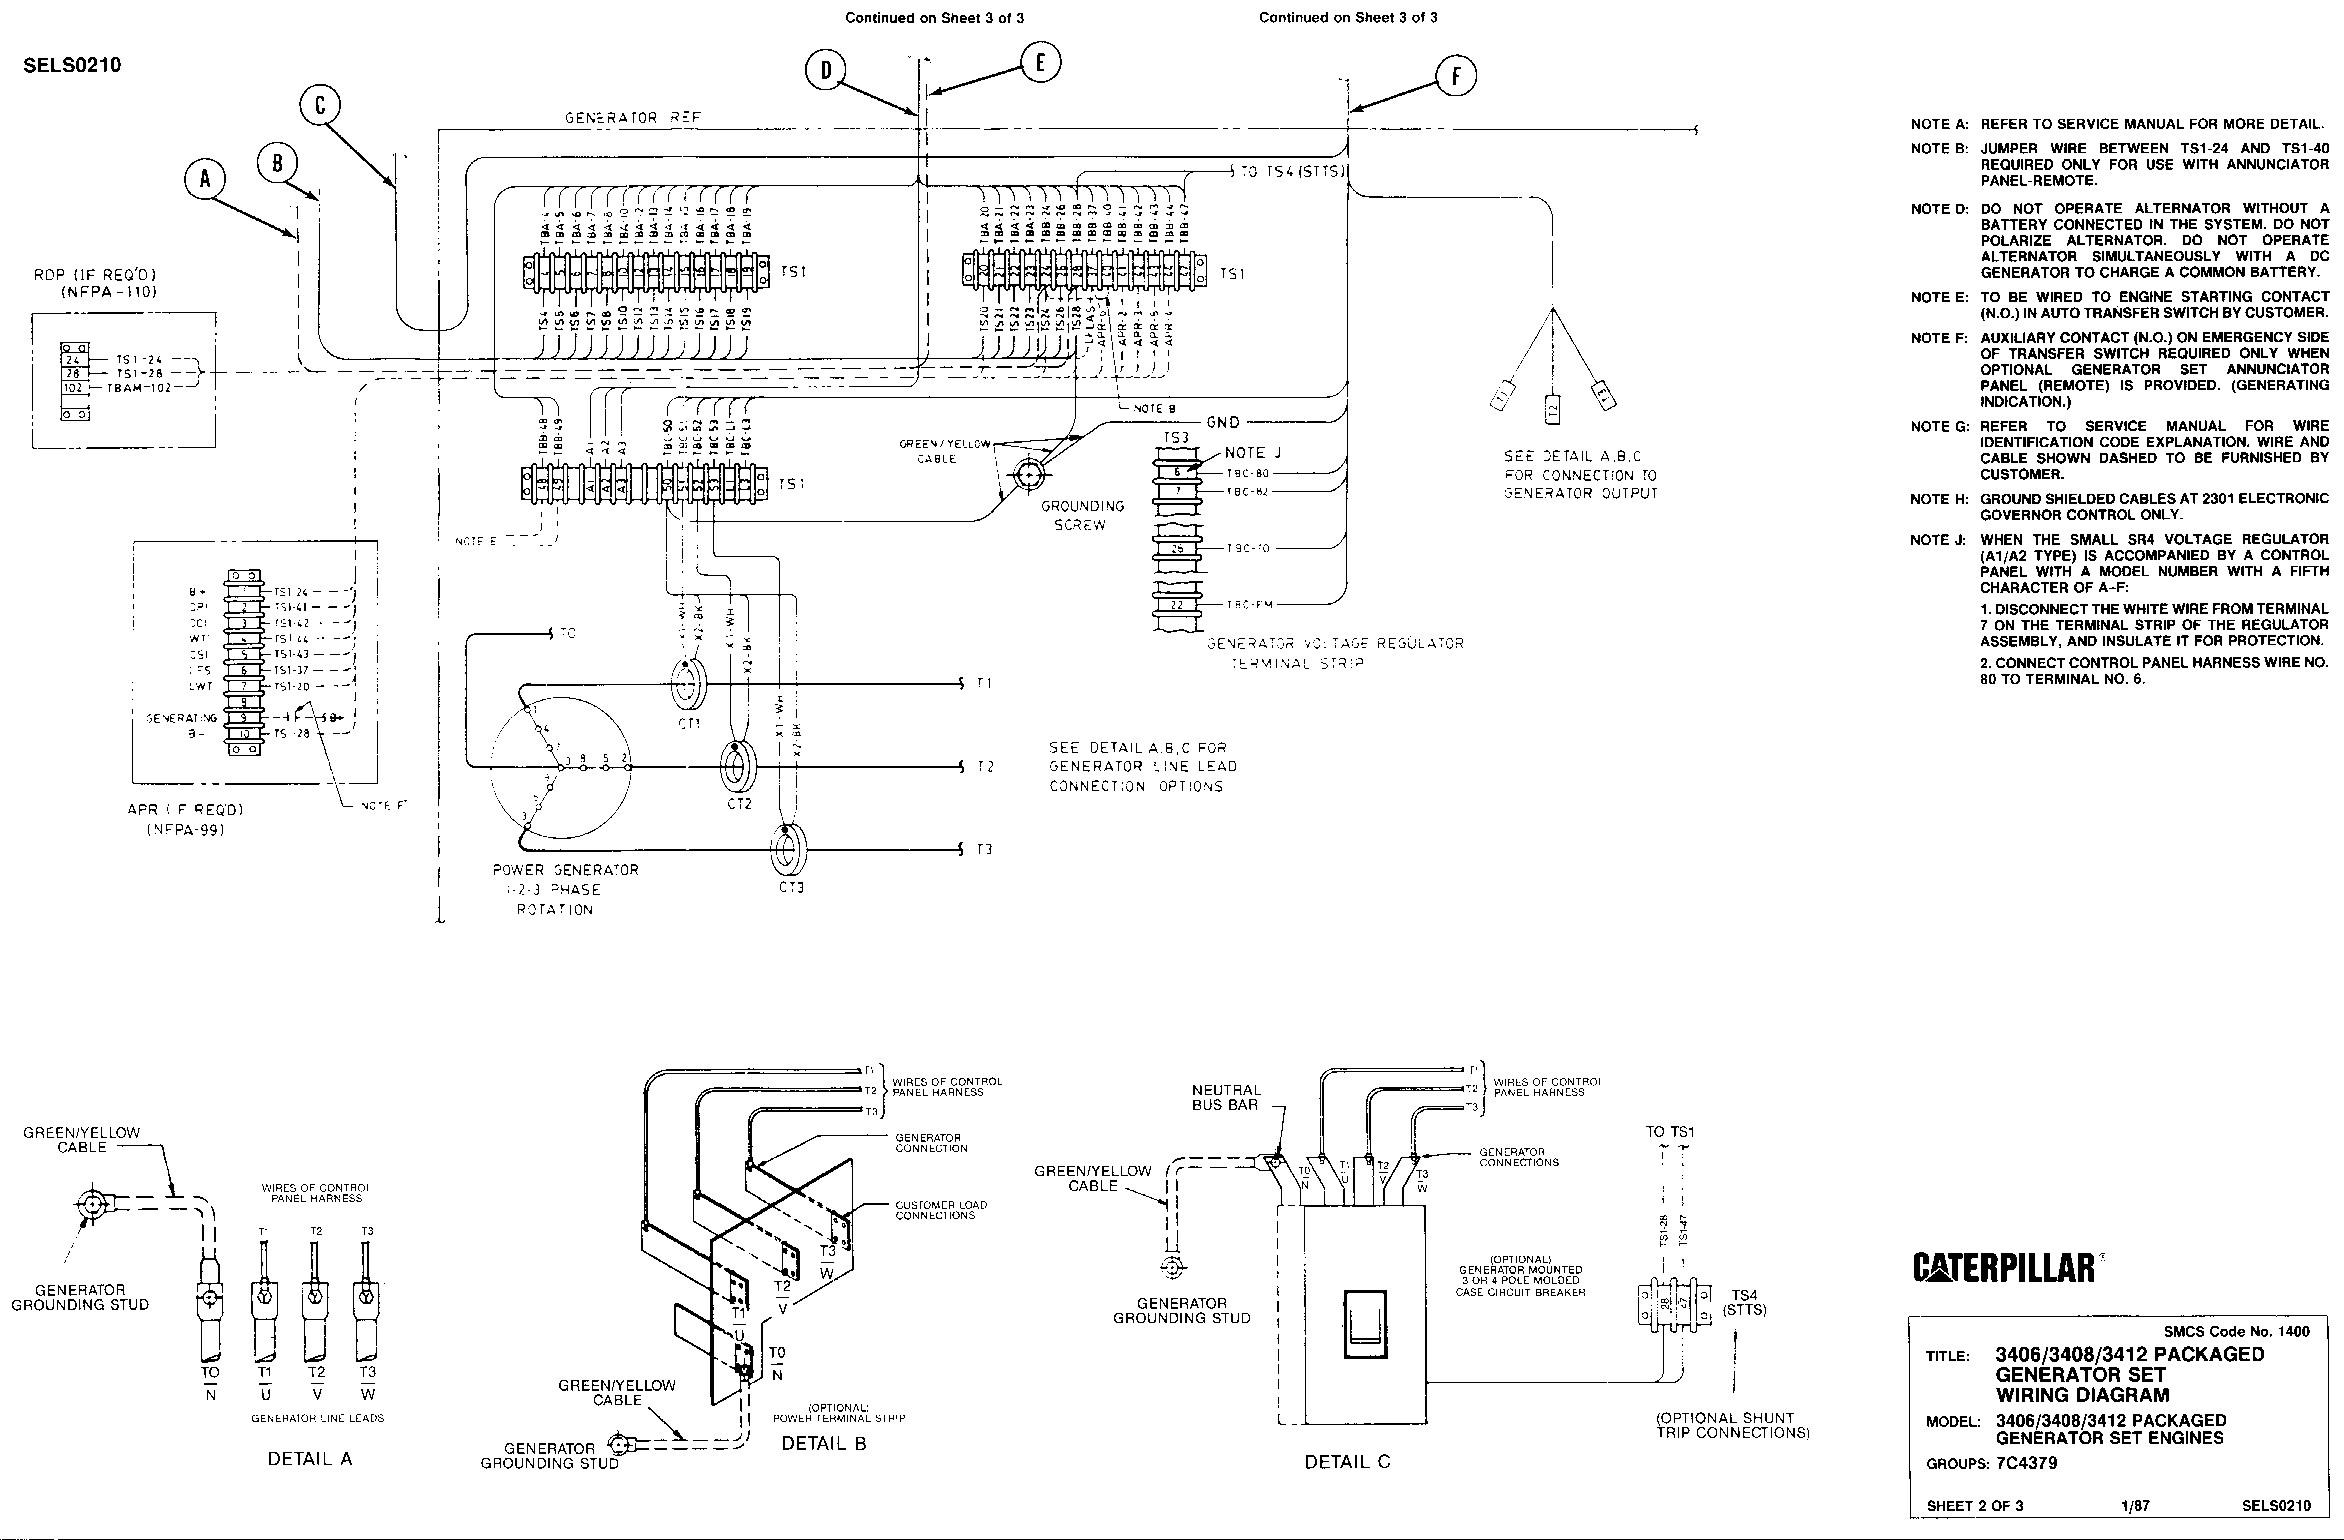 Cat C10 Ecm Wiring Diagram | Wiring Diagram - Cat C15 Ecm Wiring Diagram